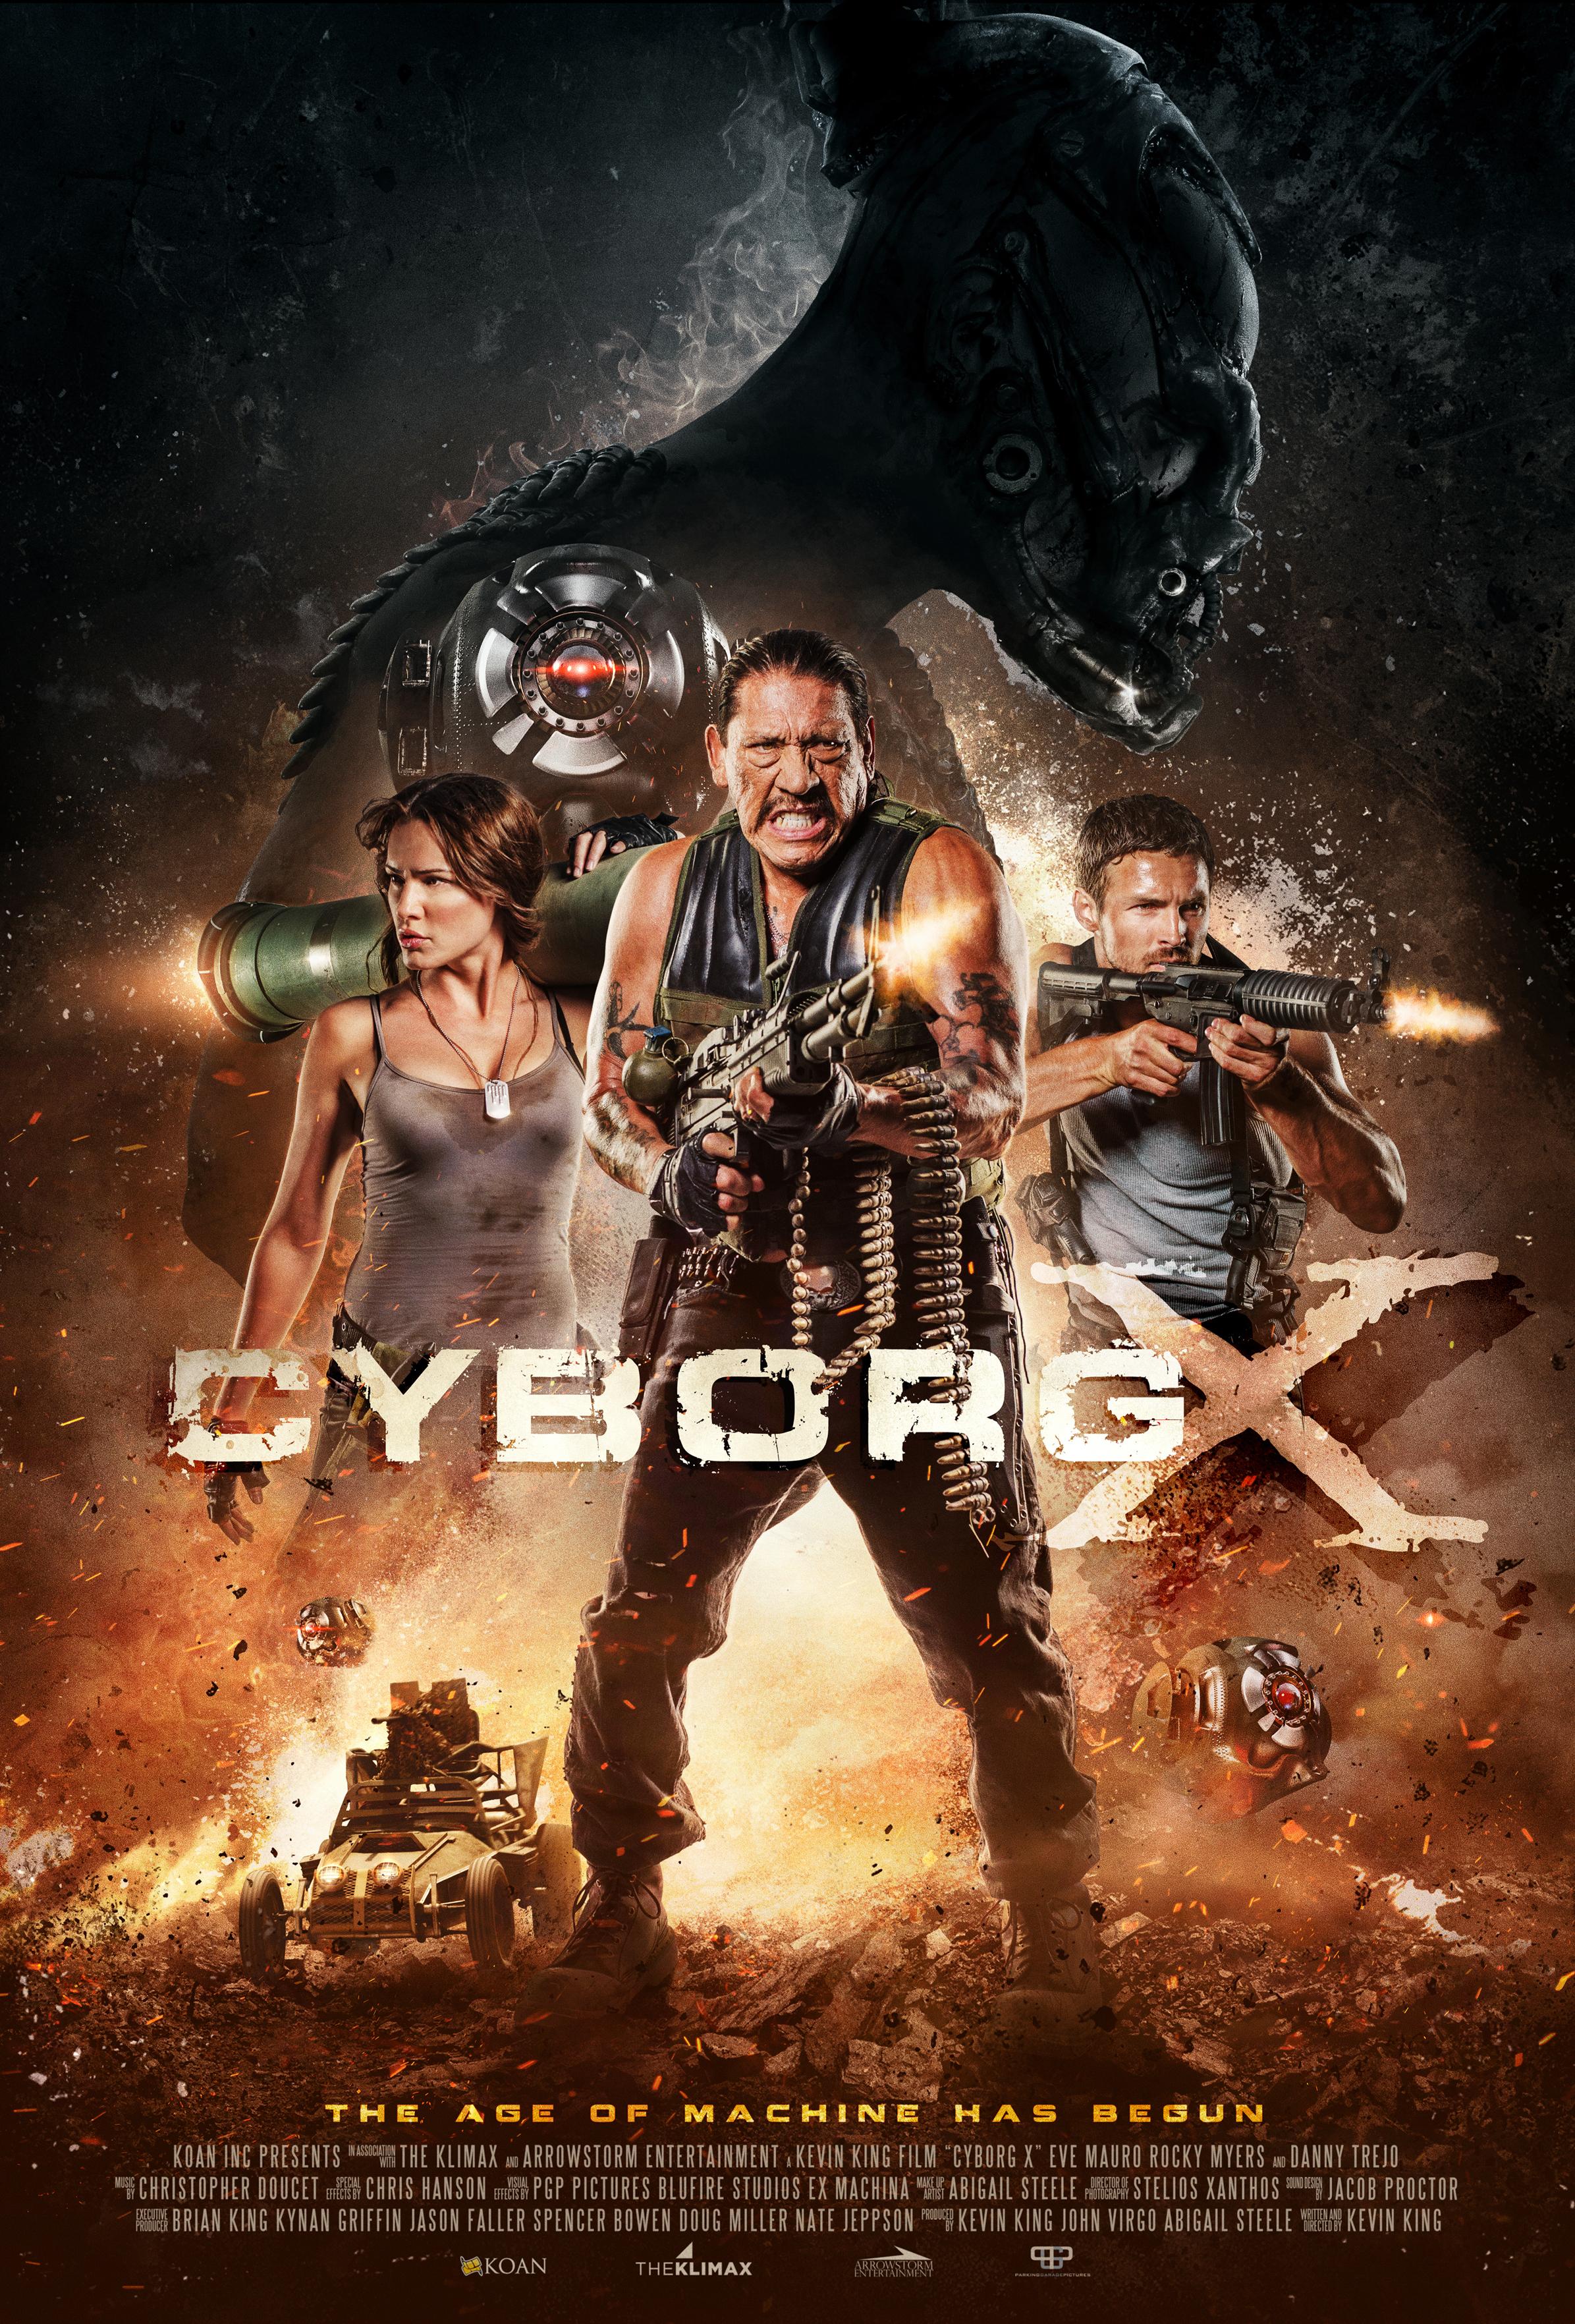 Cyborg X 2016 Imdb